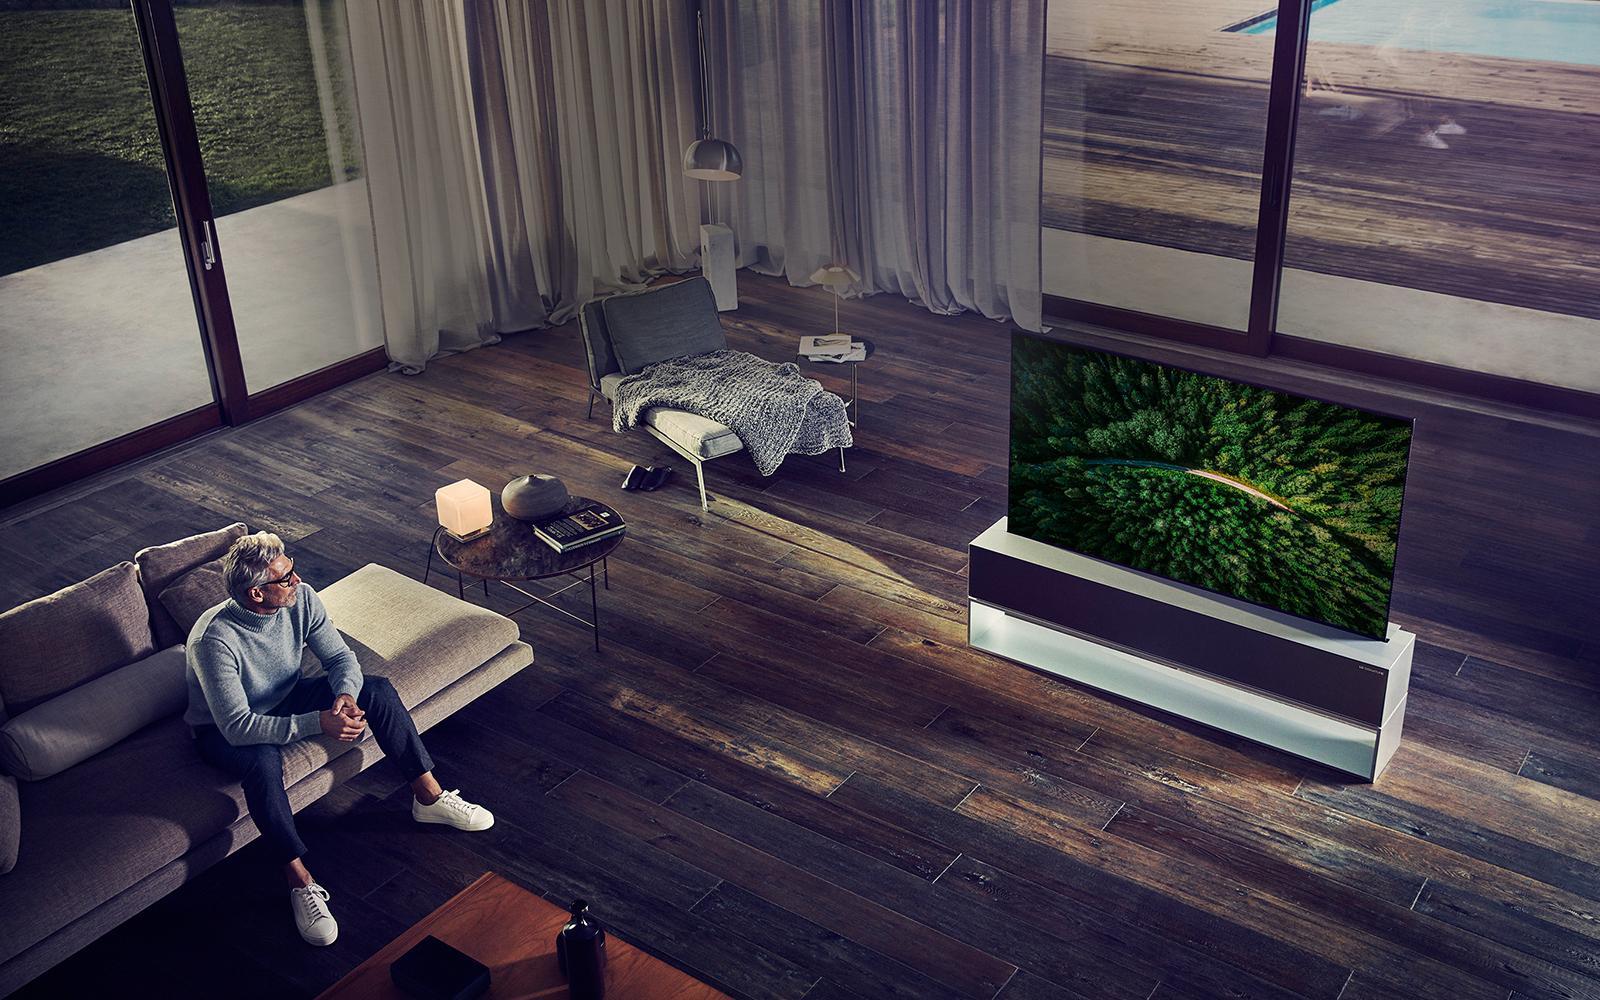 Человек смотрит телевизор в роскошной гостиной.